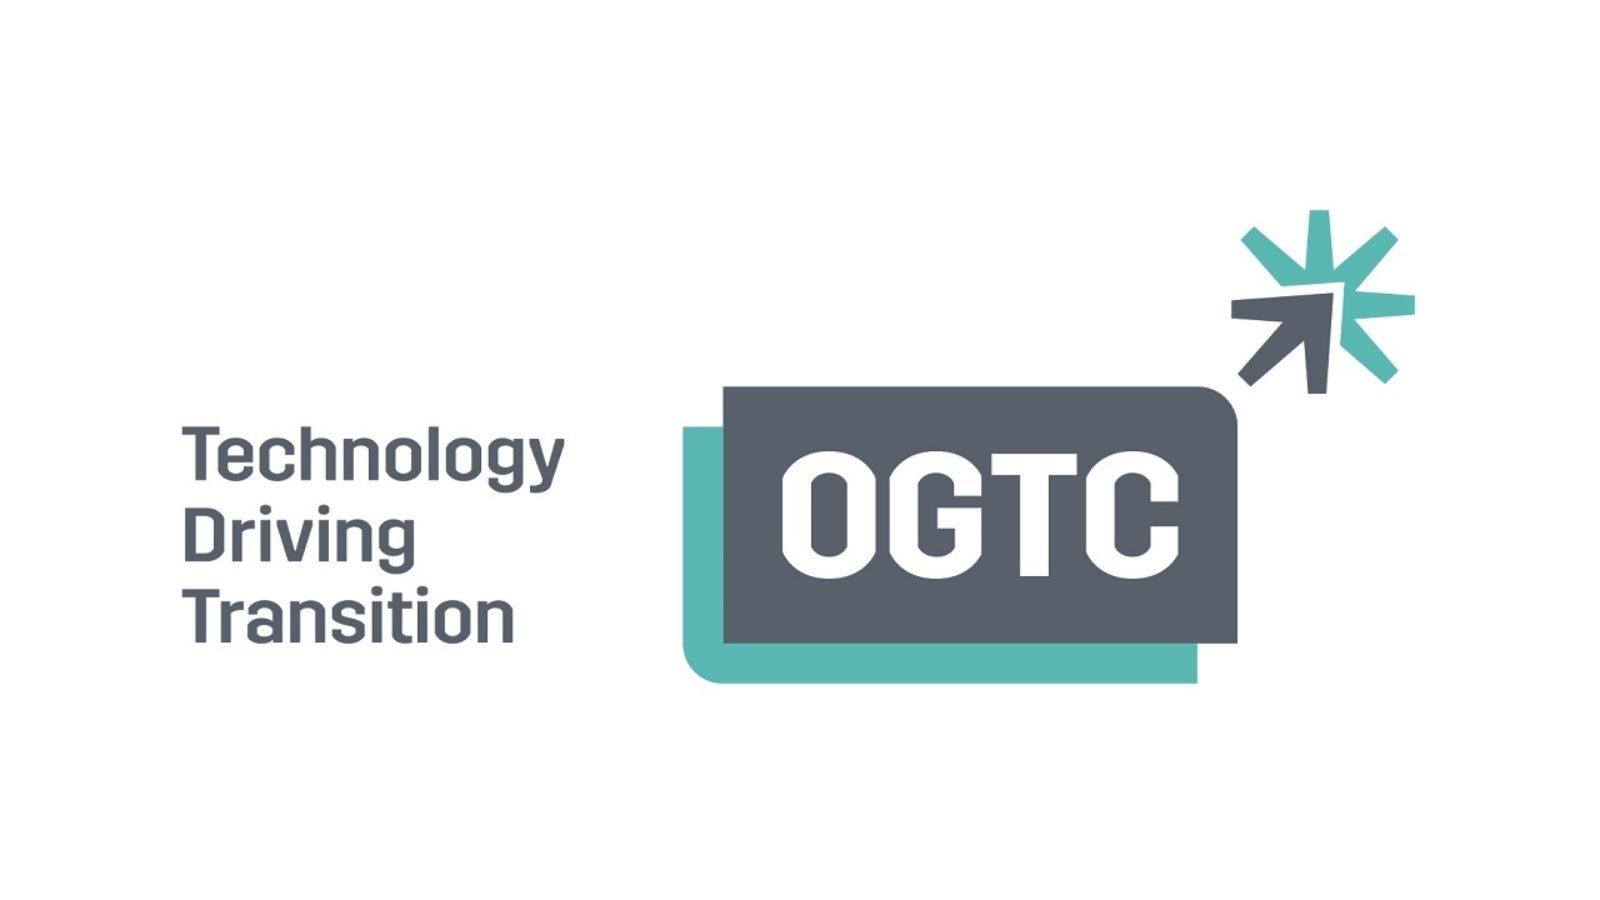 OGTC new logo news